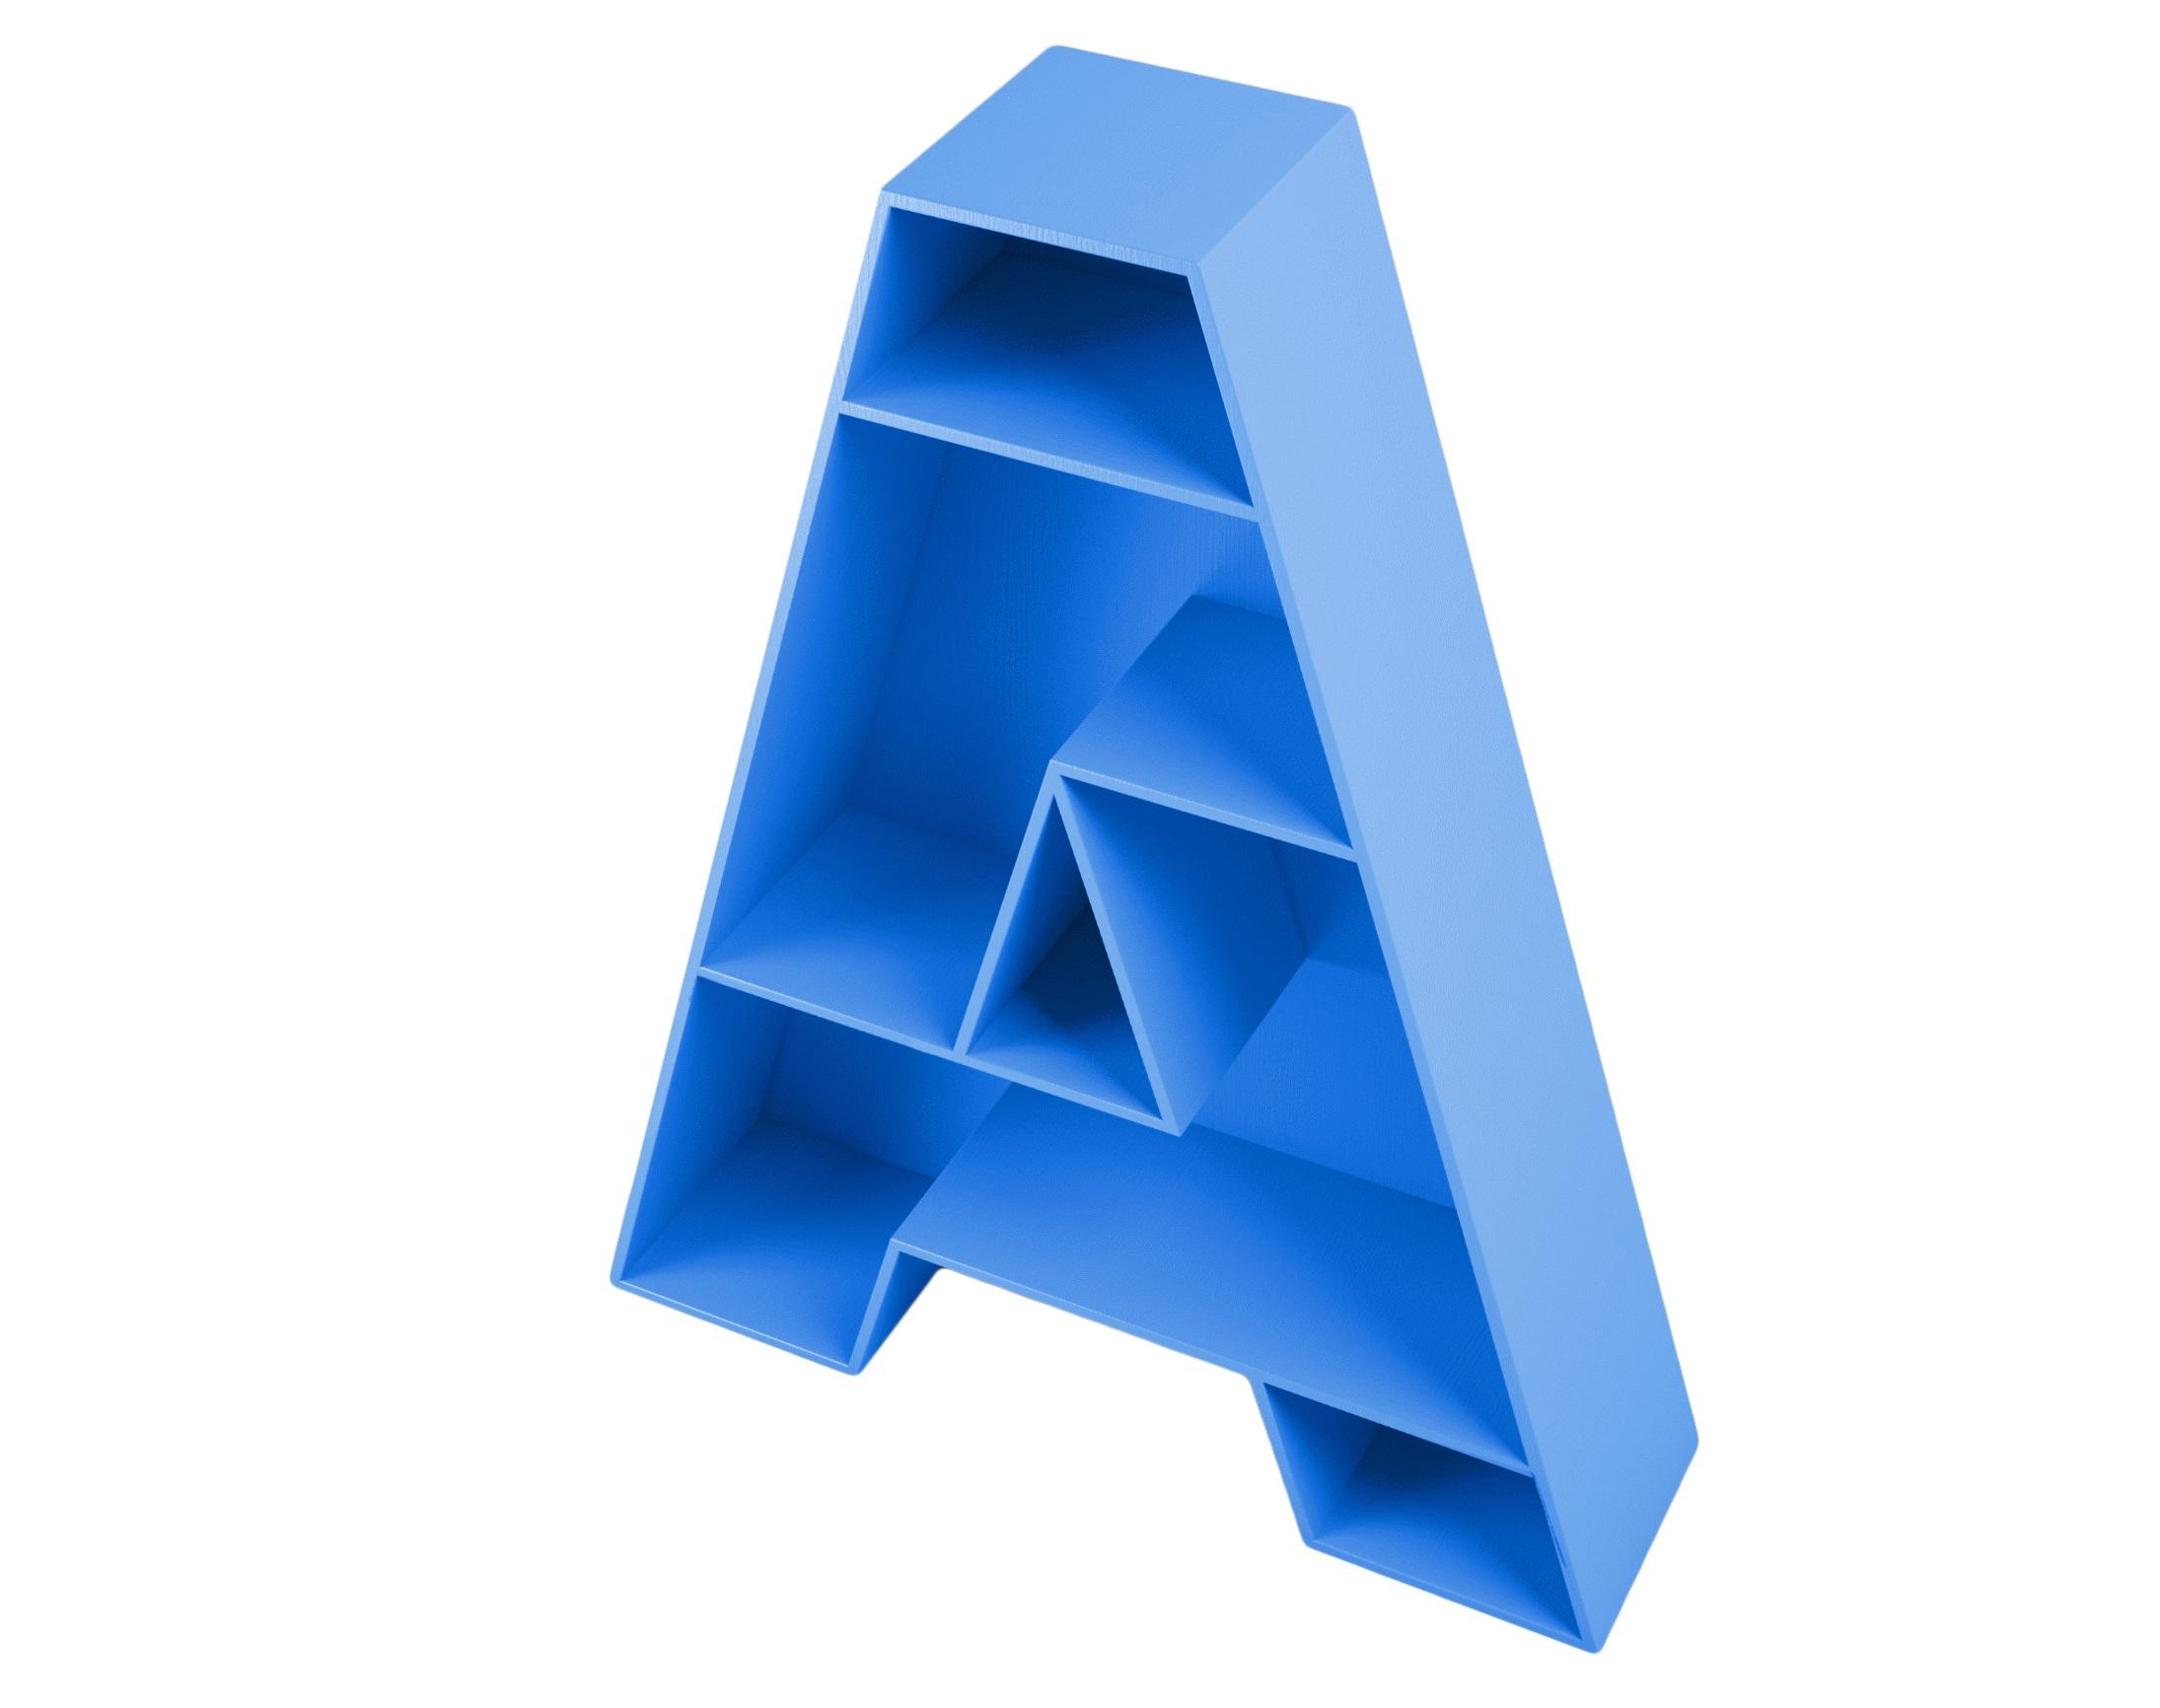 Полка Буква АПолки<br>Дизайнерская полка-стеллаж отлично подойдет для детской!<br>В производстве используются экологически чистые материалы класса &amp;quot;Luxe&amp;quot;!<br>Возможно изготовление других букв!&amp;lt;div&amp;gt;Материал: МДФ, эмаль&amp;amp;nbsp;&amp;lt;/div&amp;gt;<br><br>Material: МДФ<br>Ширина см: 80.0<br>Высота см: 100.0<br>Глубина см: 20.0